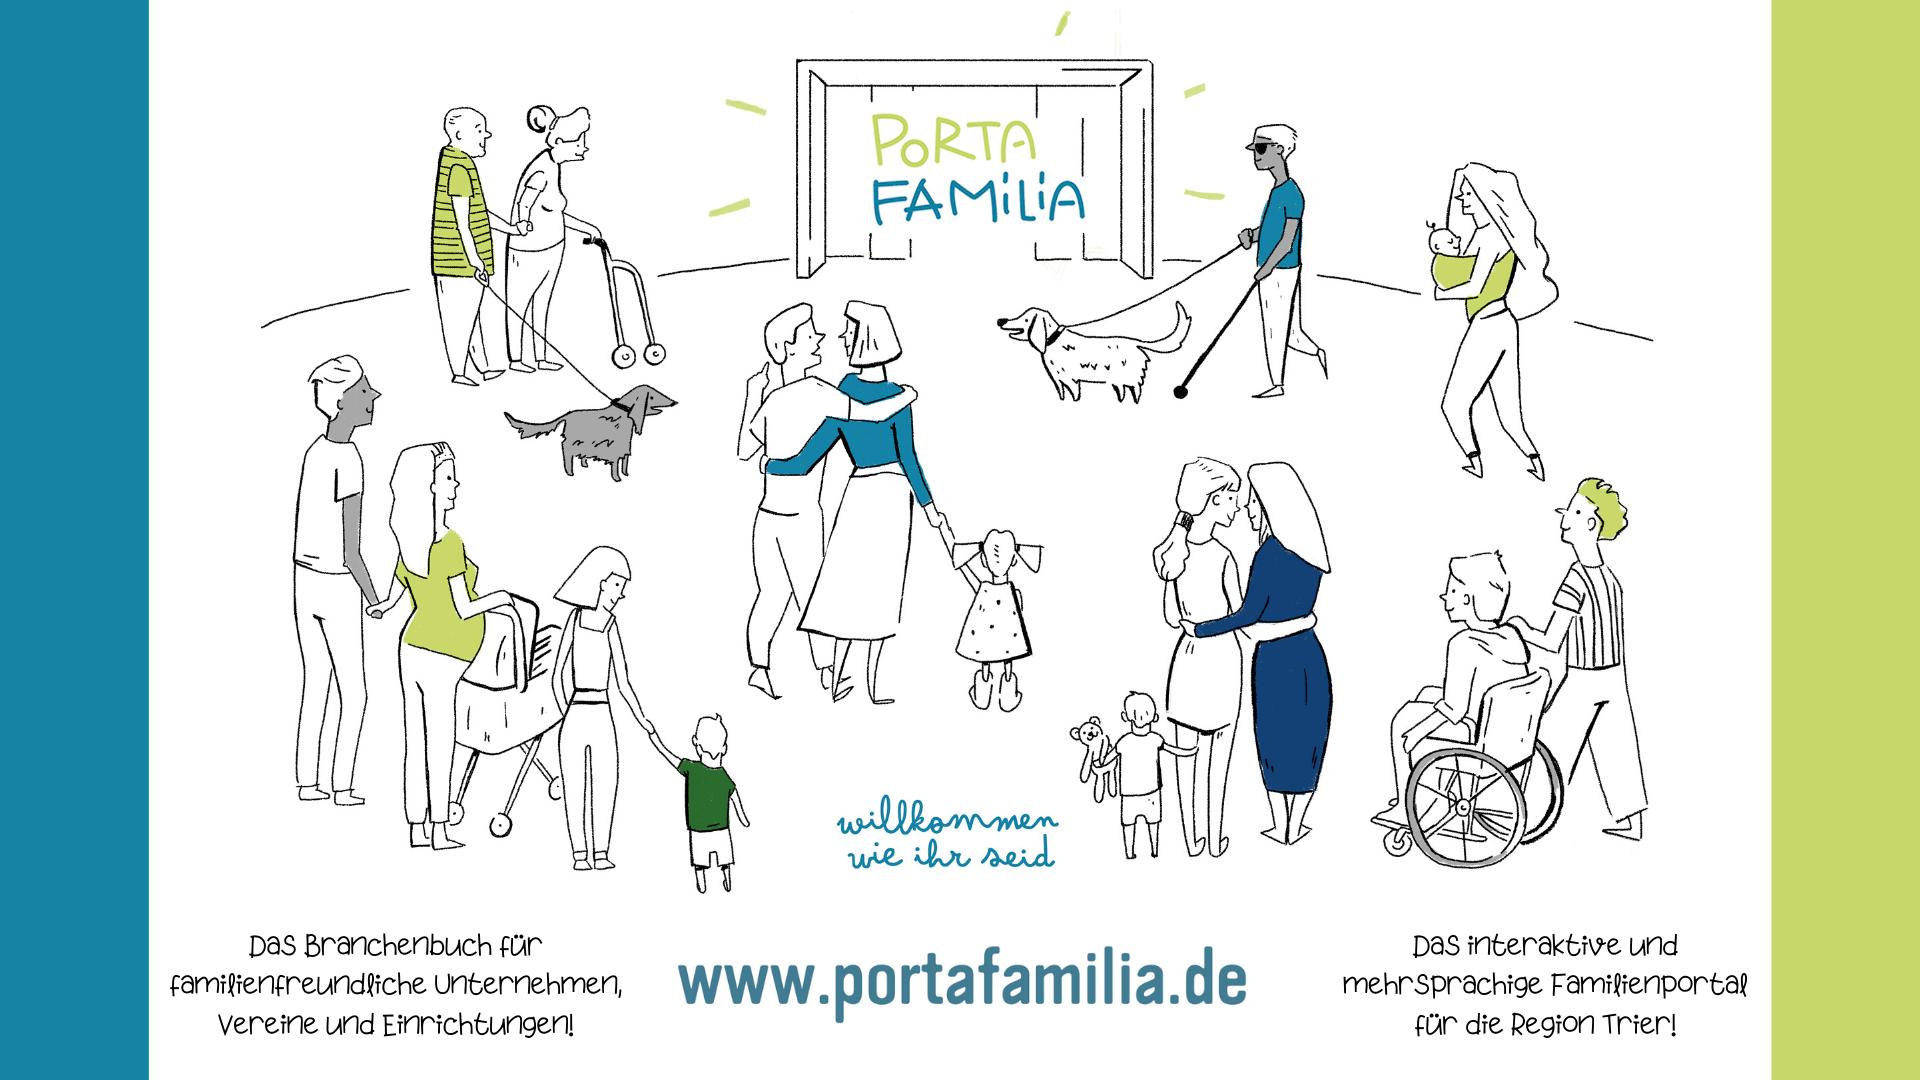 Porta Familia